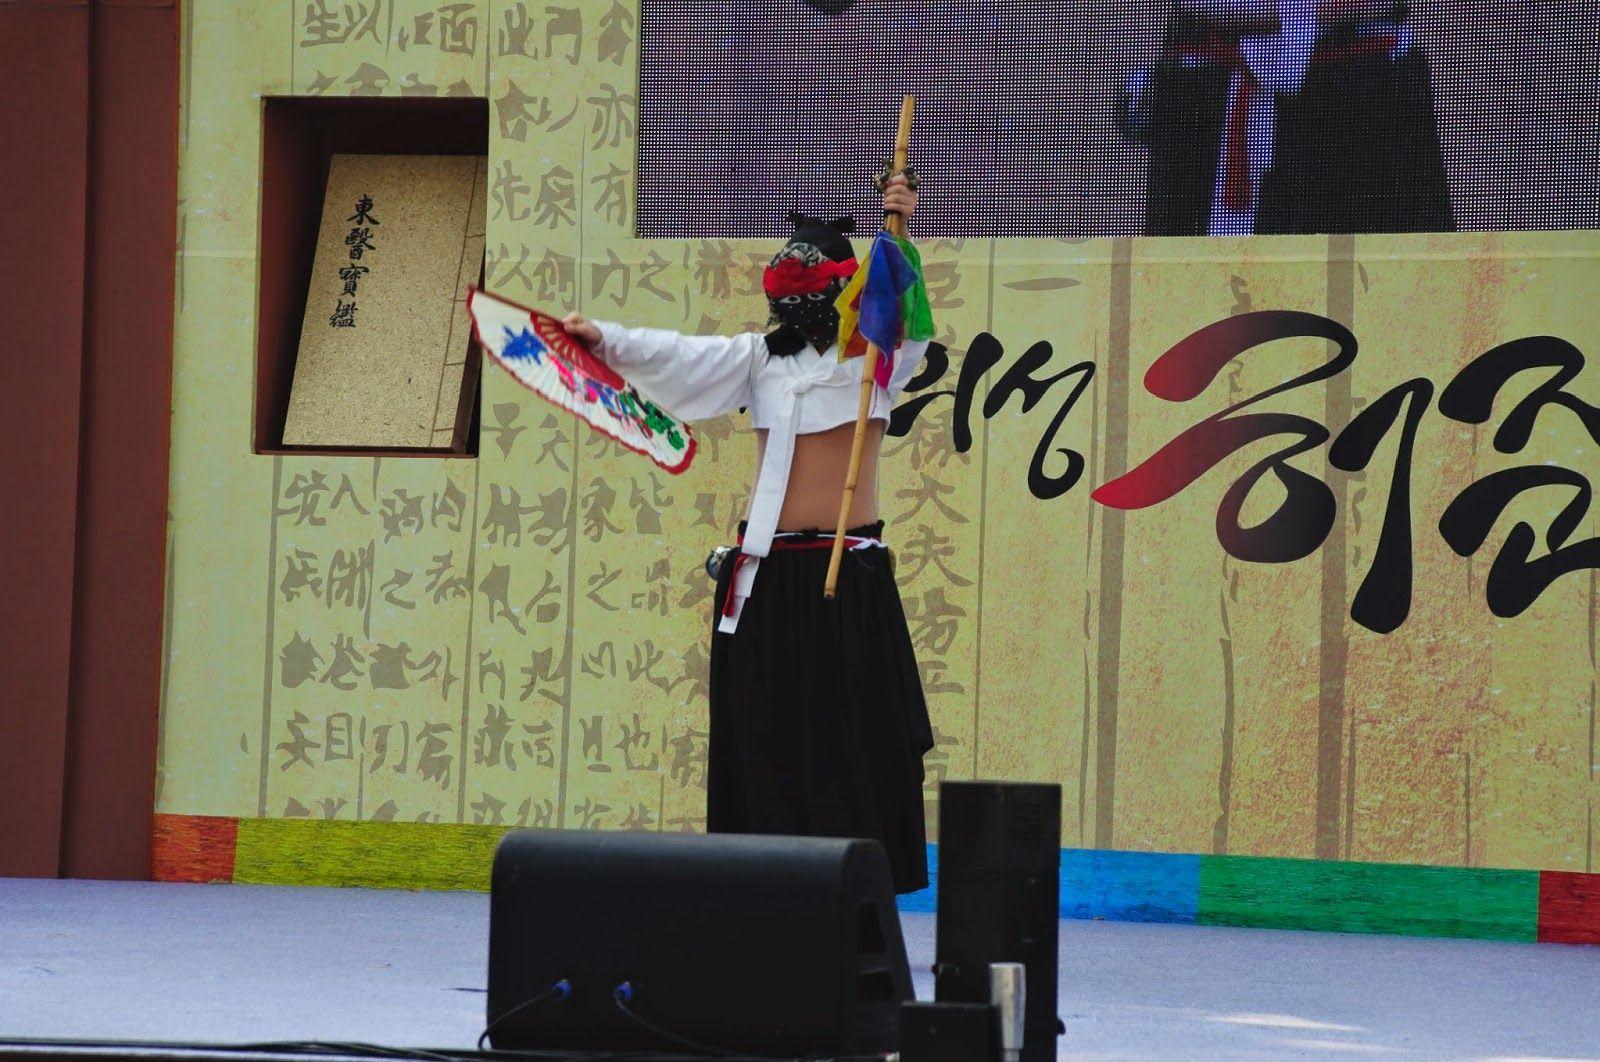 몸저생사 스토리: 중요무형문화재제17호봉산탈춤 한국가면극연구회 봉산탈출예술단